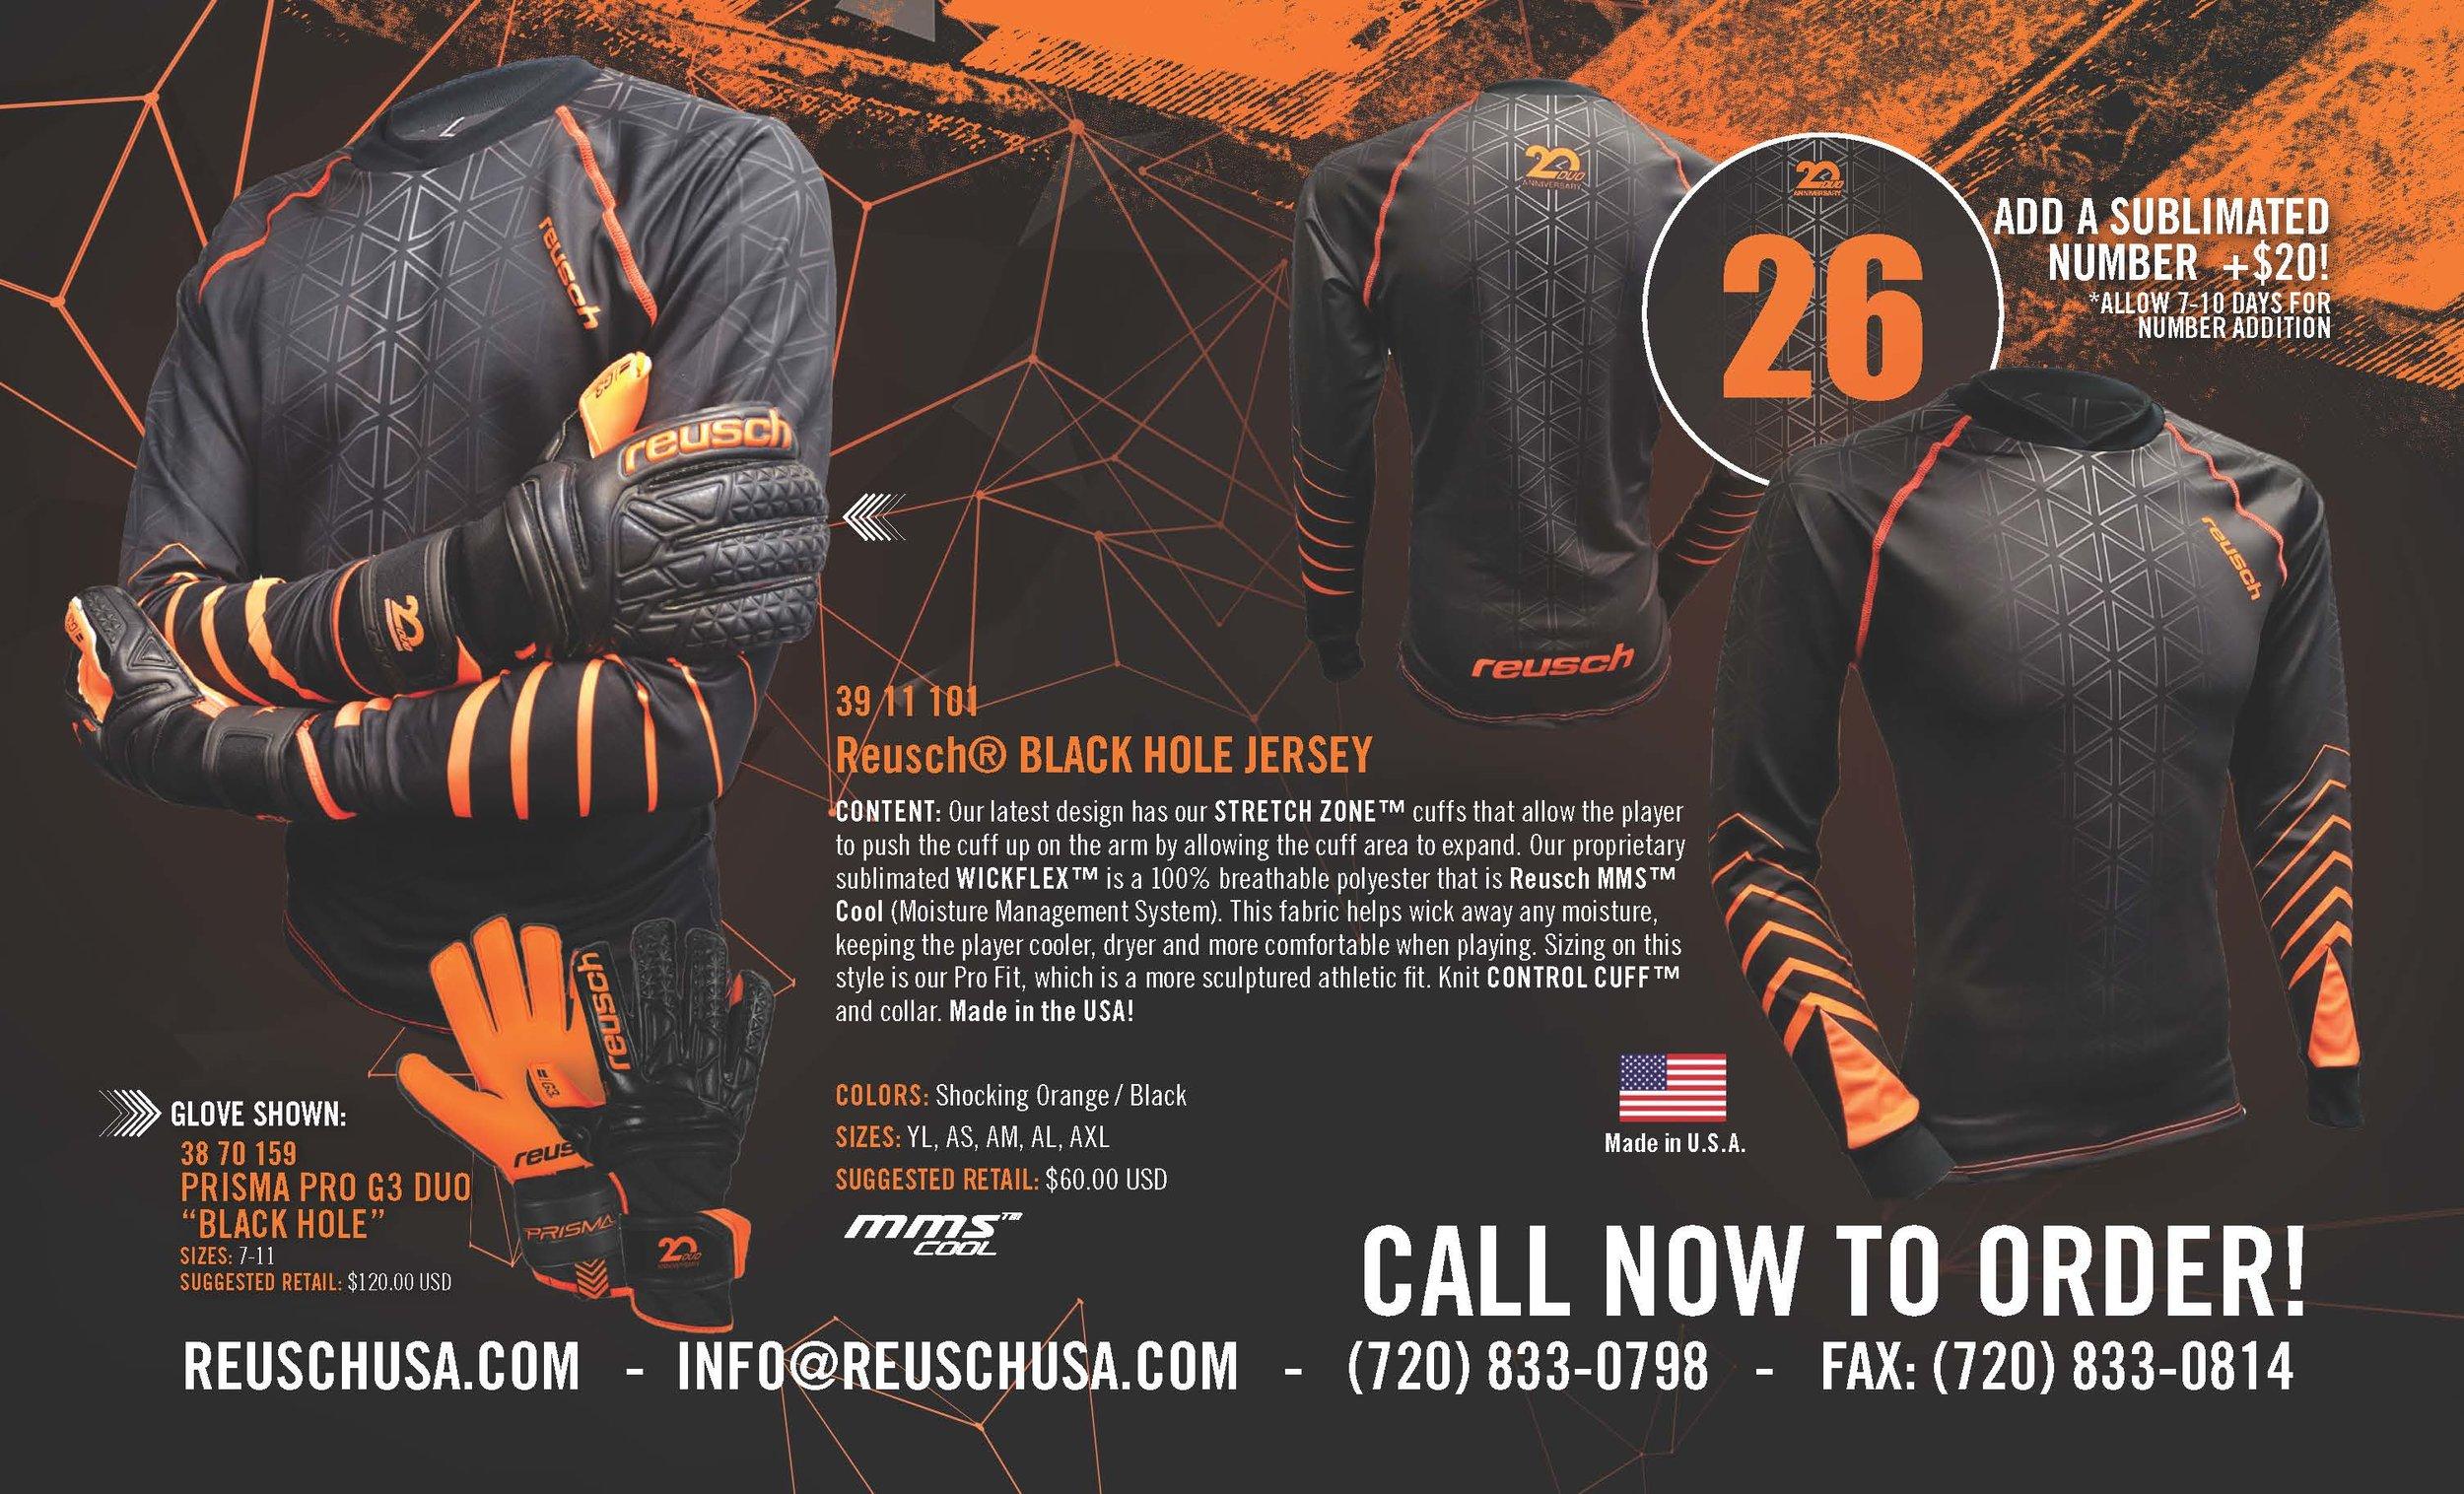 Reusch USA - BlackHole Jersey Release Flyer 2018